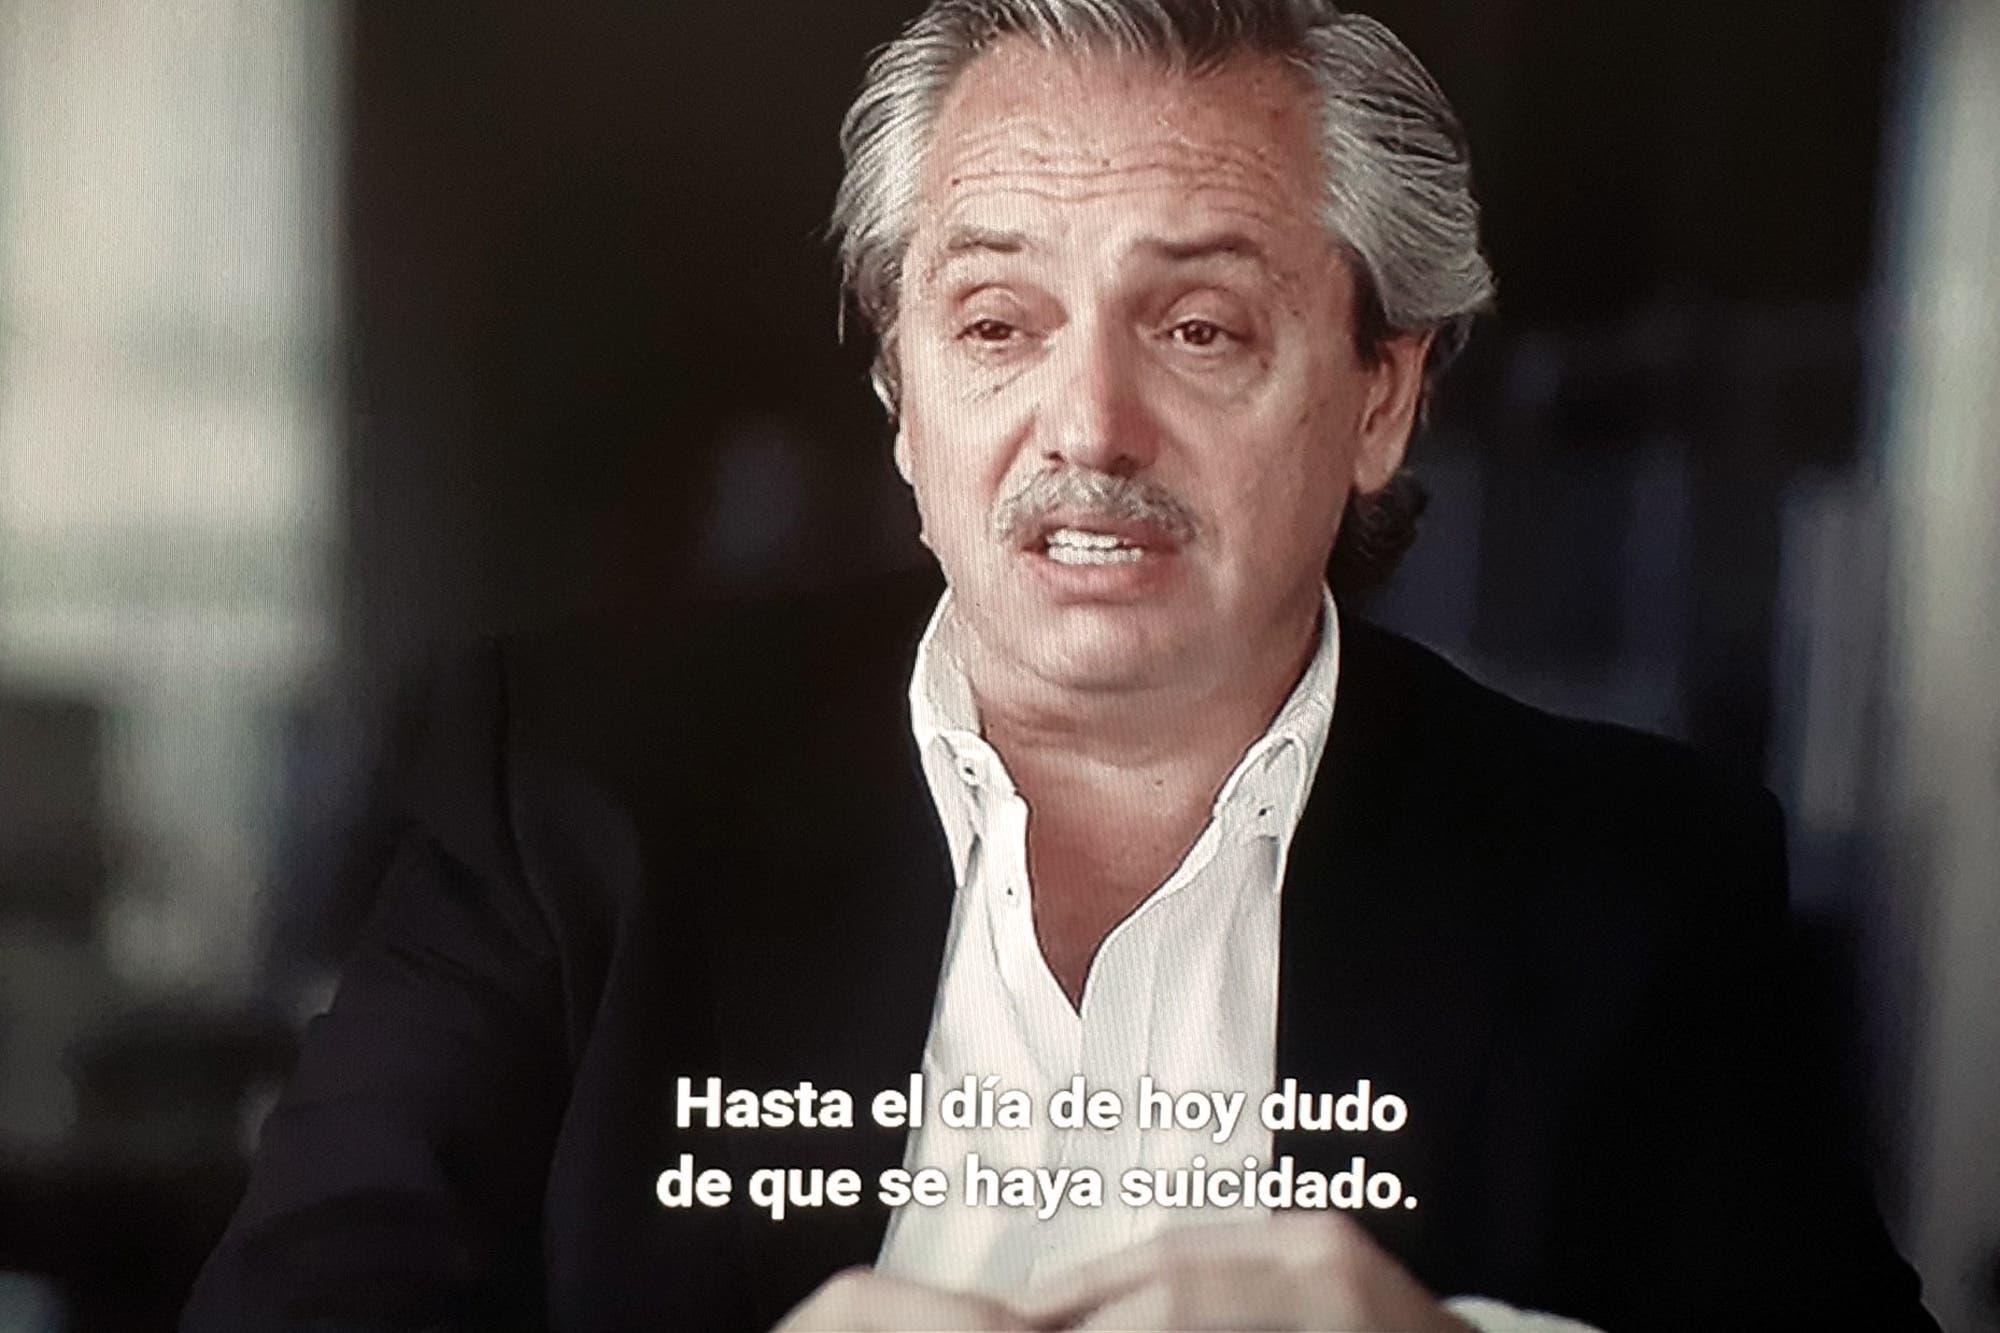 """Alberto Fernández: """"Al día de hoy dudo que Nisman se haya suicidado"""""""